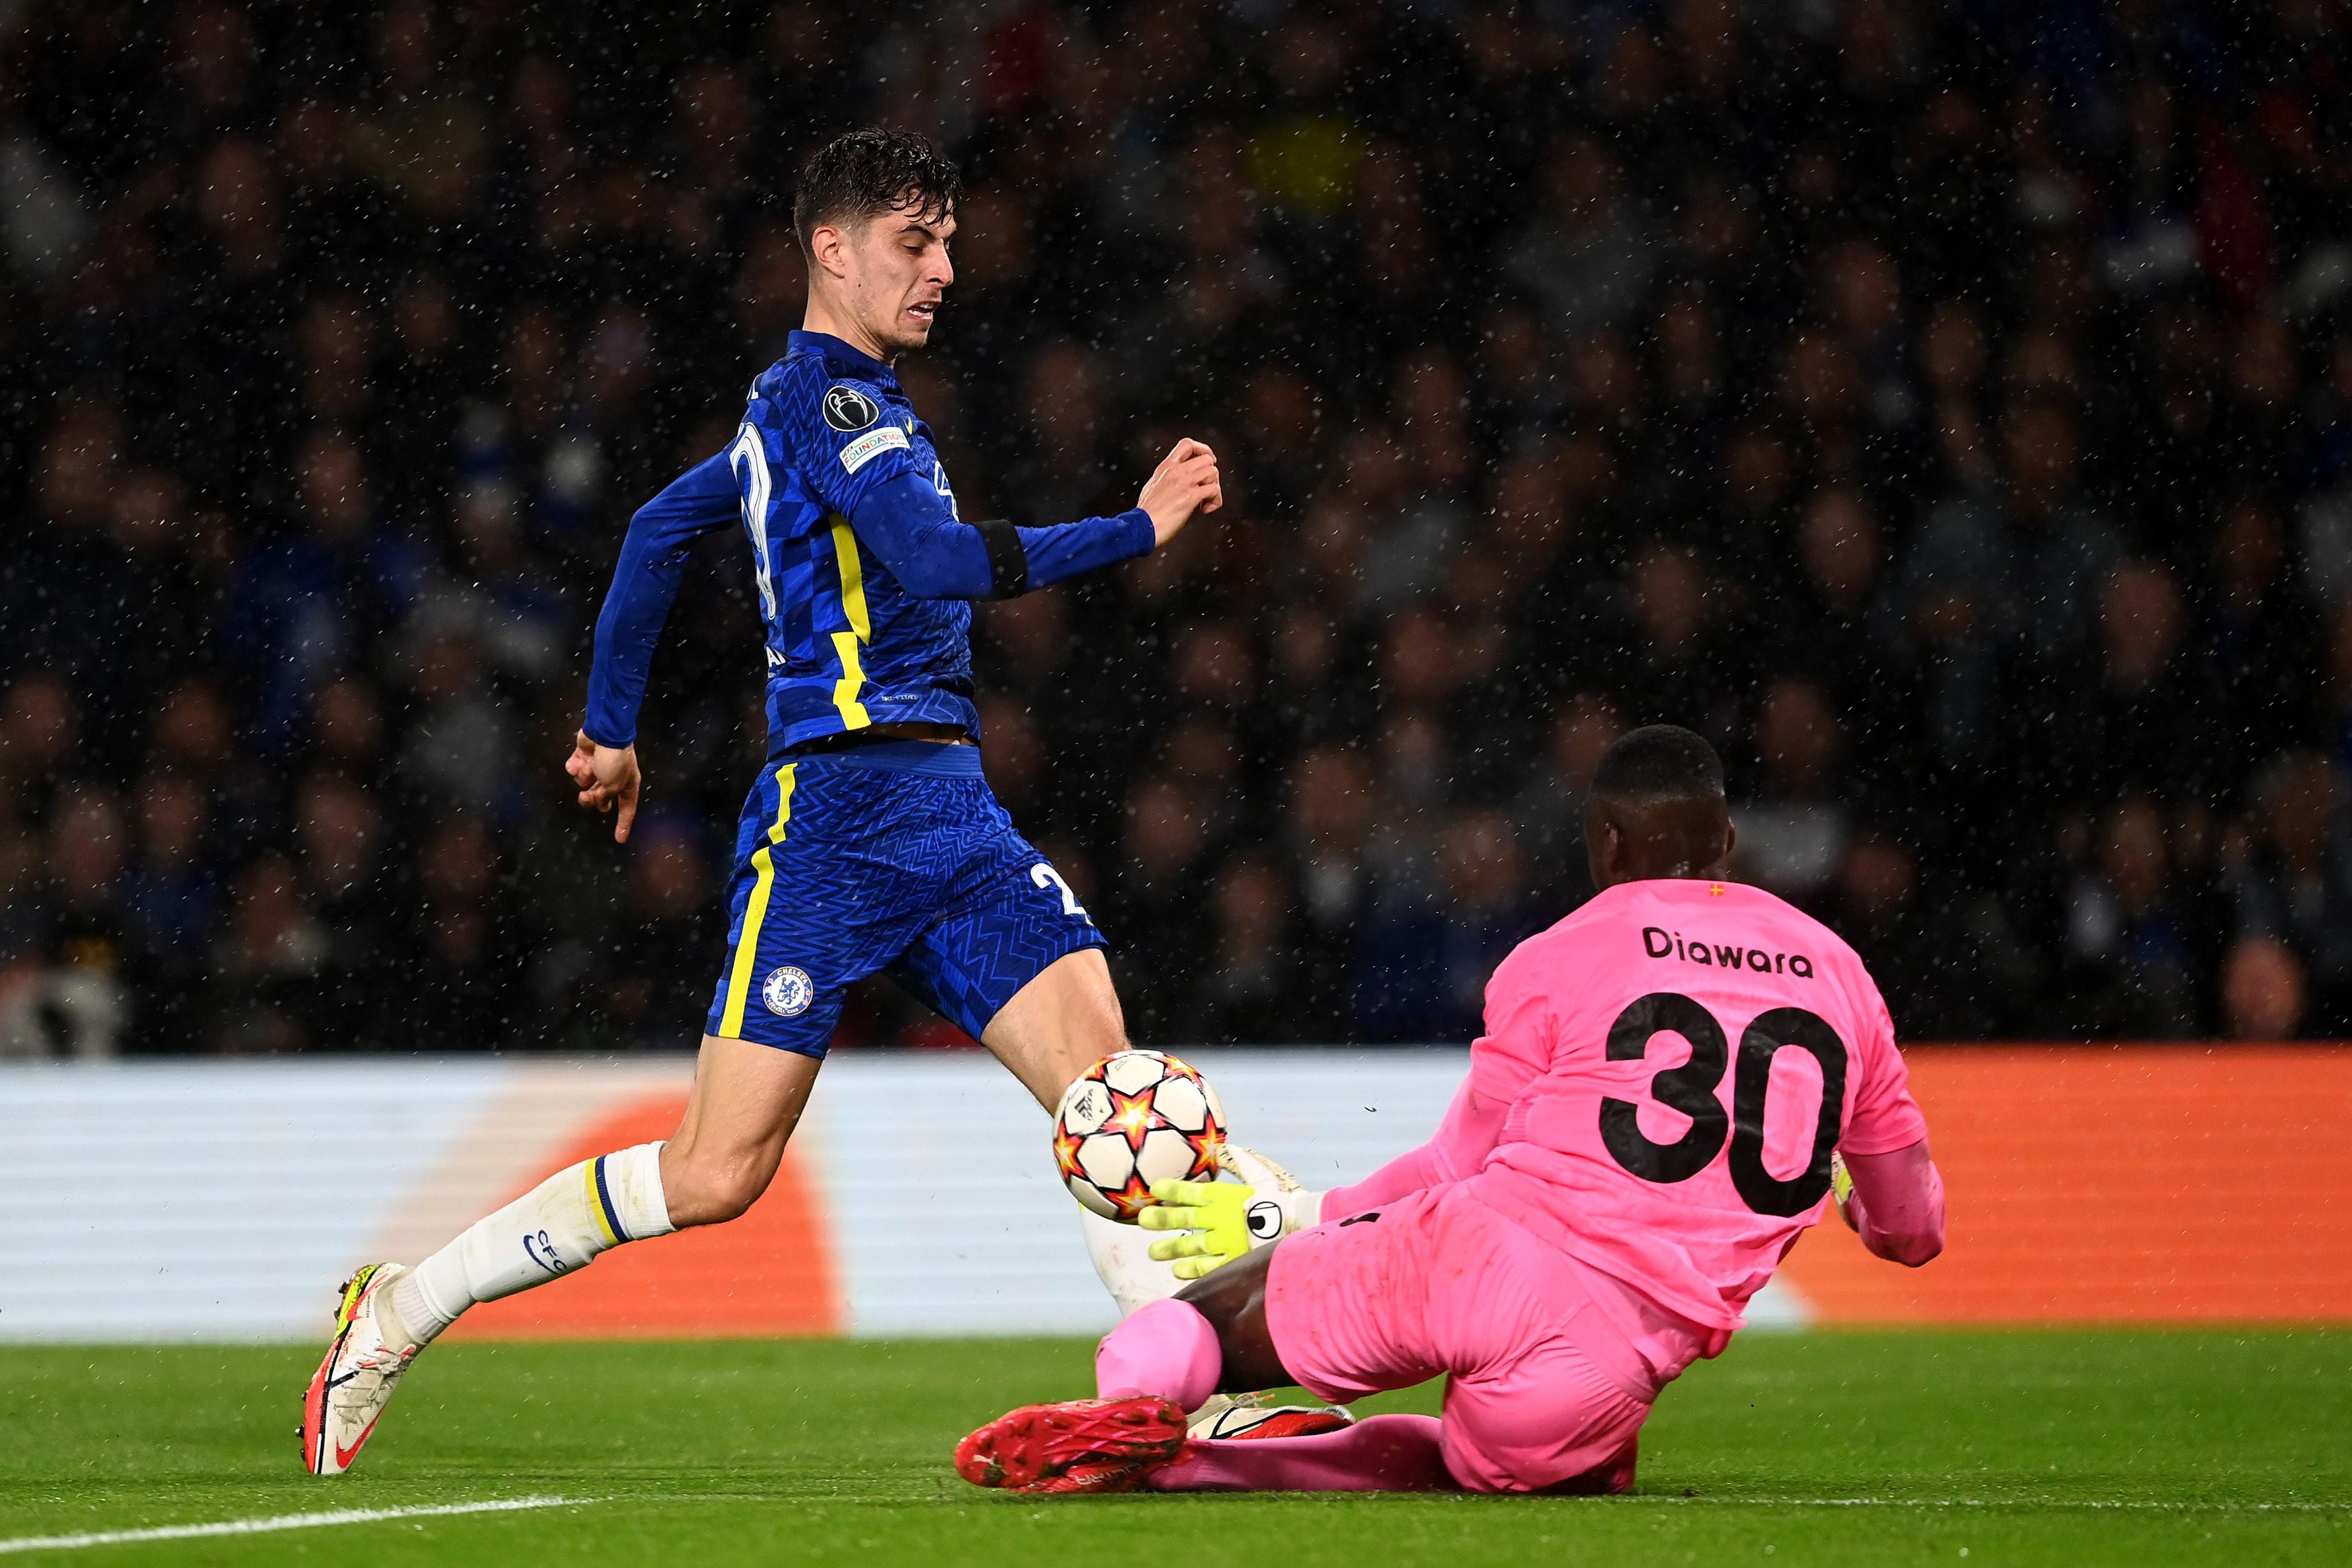 Chelsea vs Malmo: The Blues Pesta Gol, Andreas Christensen Pecah Telur - JPNN.com